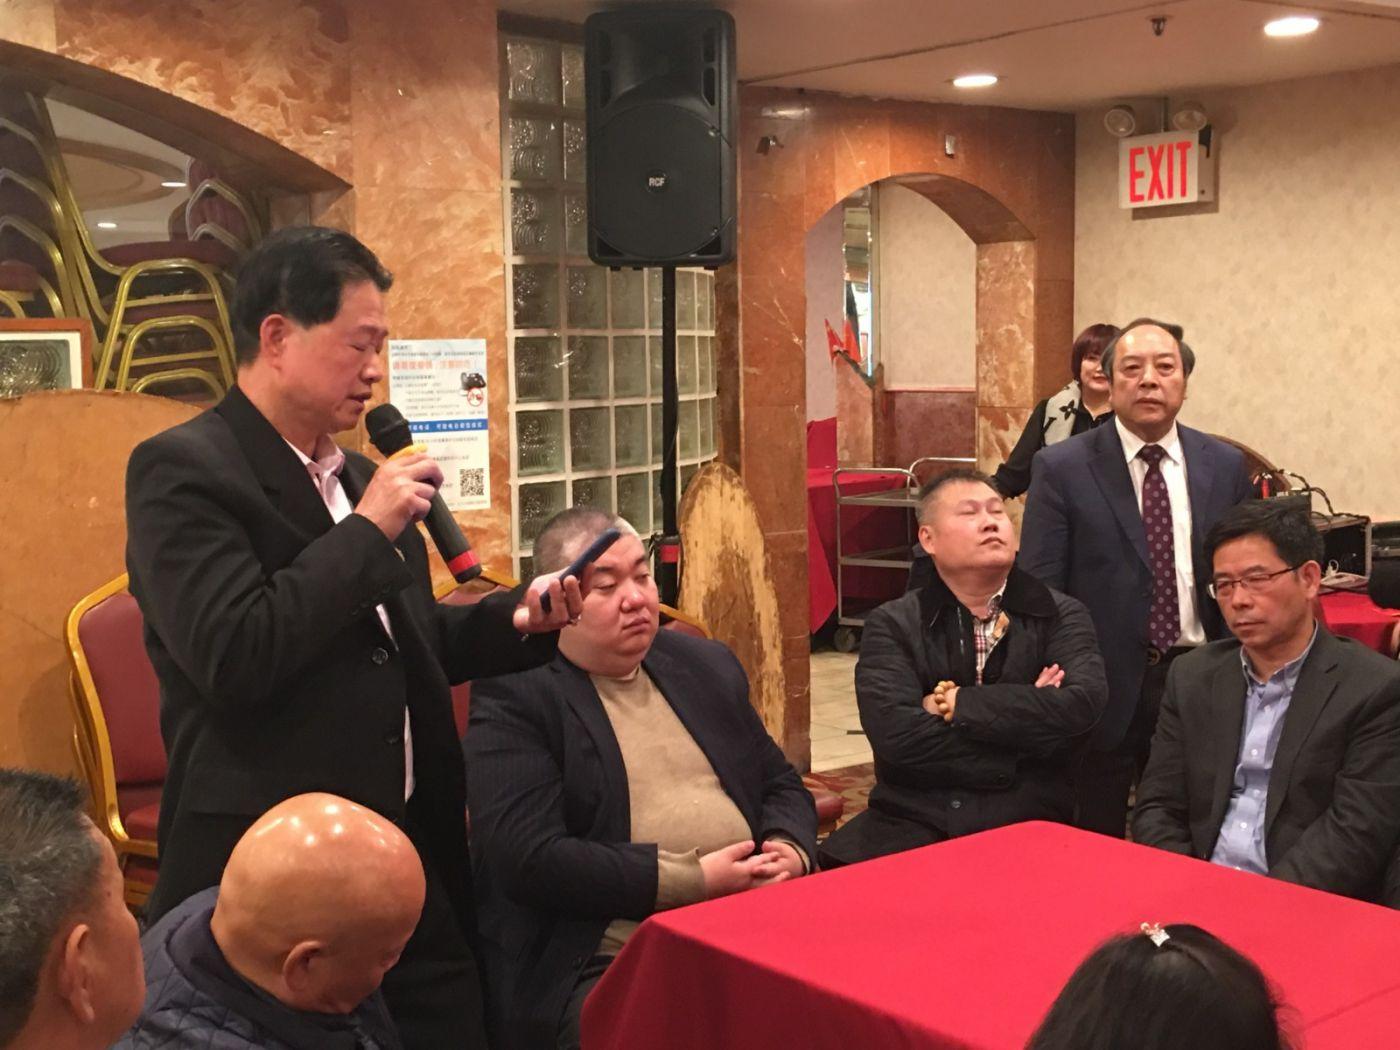 紐約華人華僑維護香港穩定繁榮座談會在紐約舉行_图1-13